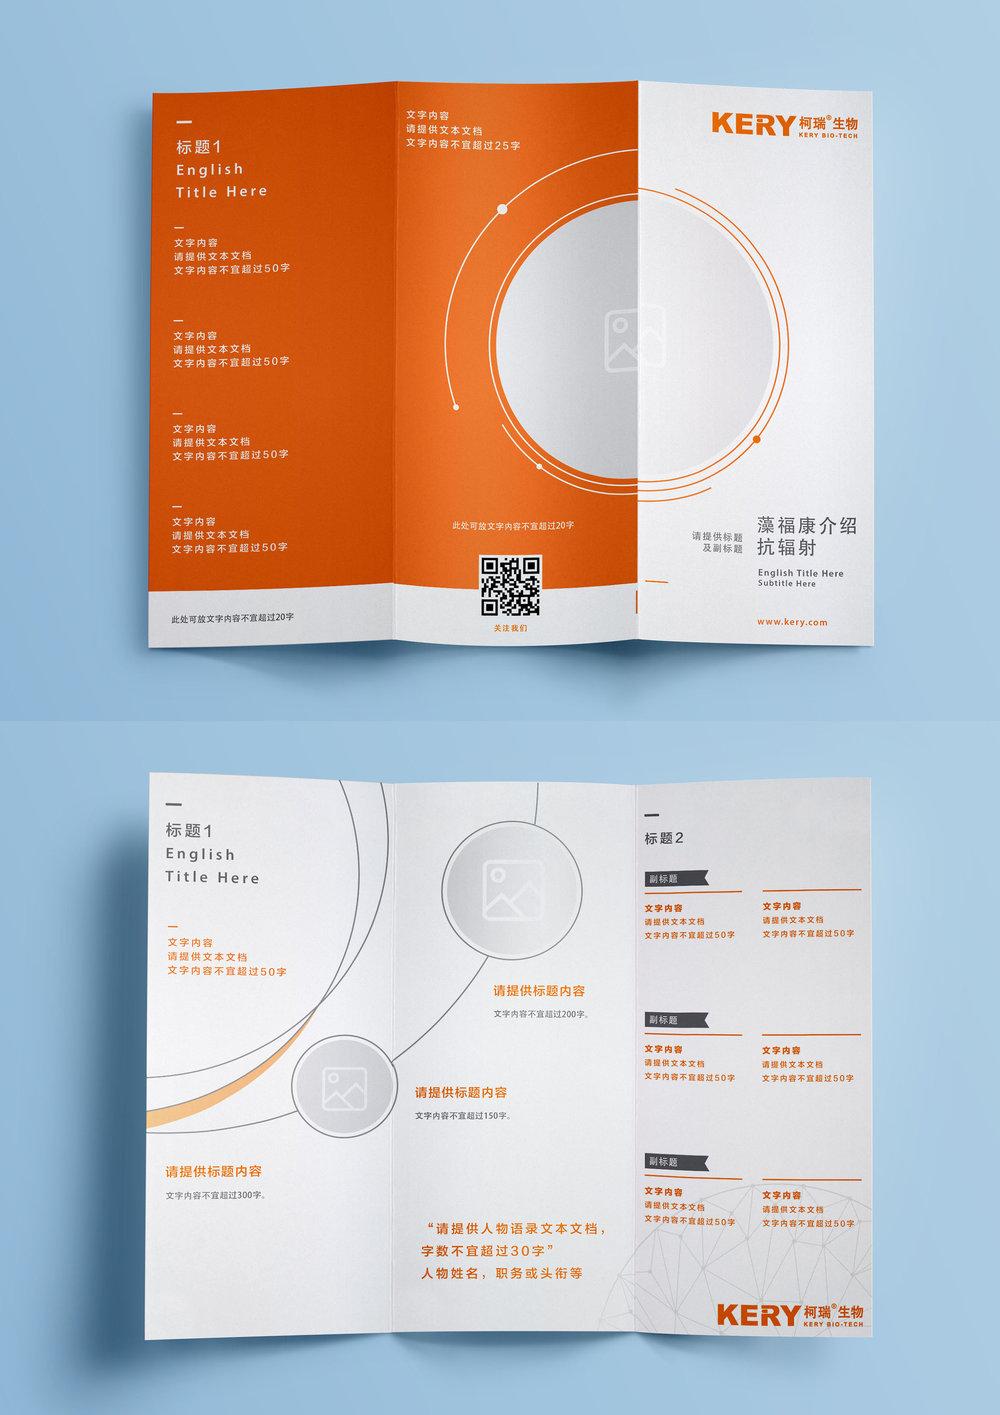 藻福康抗辐射宣传册效果图.jpg